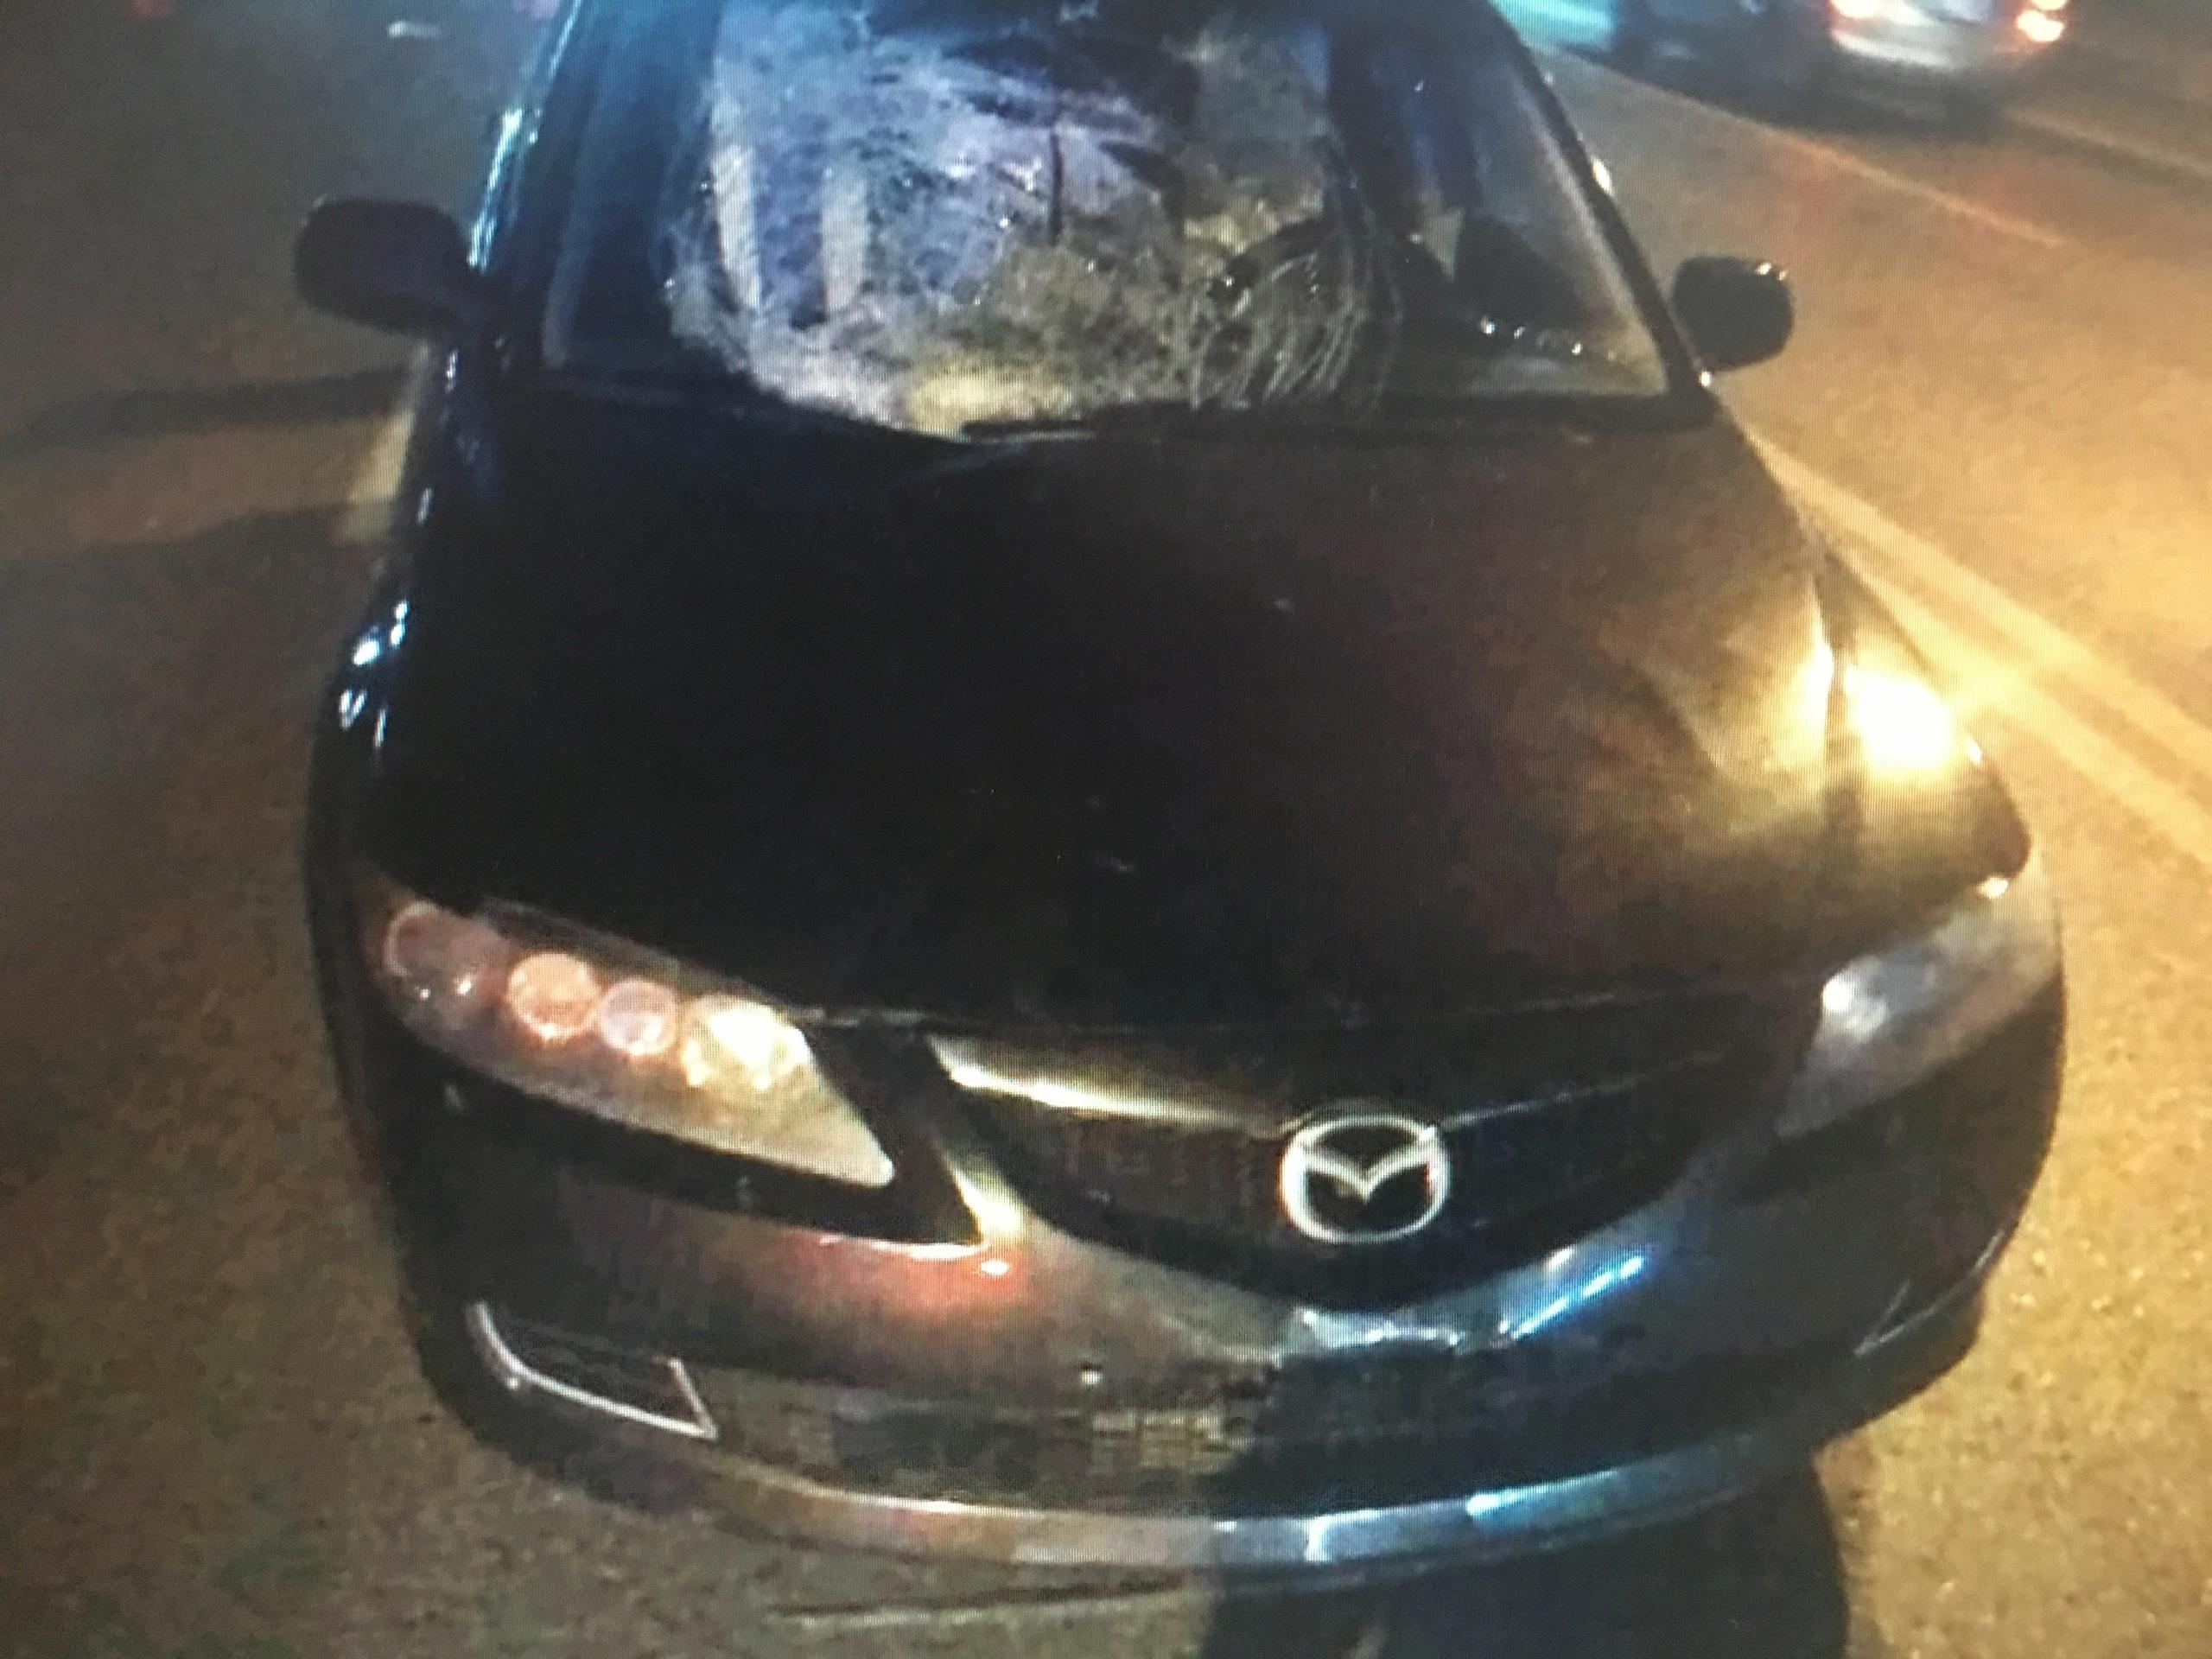 Пьяный водитель сбил пешехода в центре Омска #Омск #Общество #Сегодня